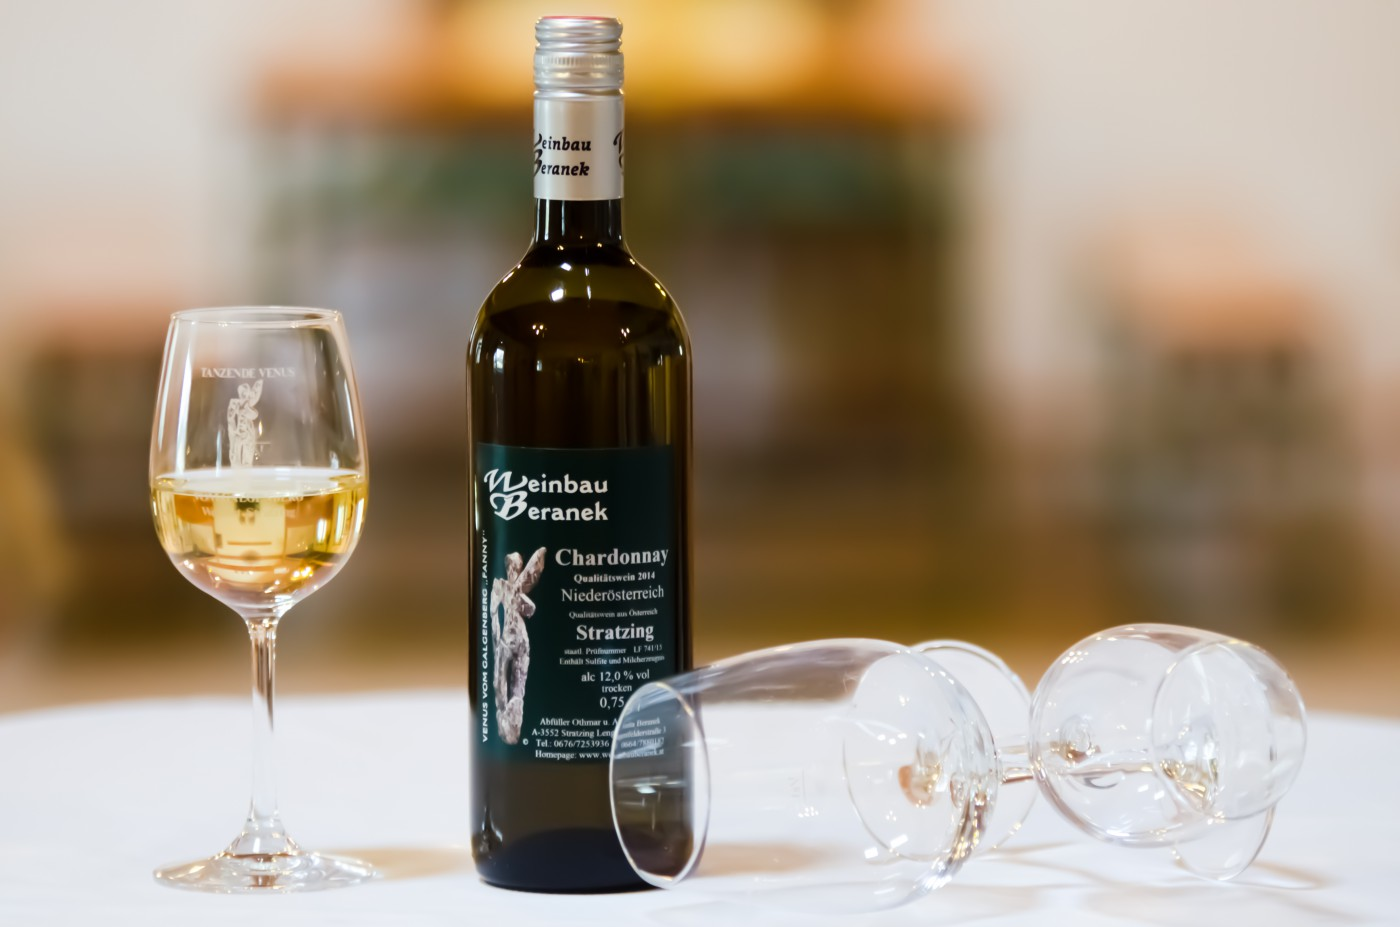 Chardonnay 2014 - Weinbau Beranek